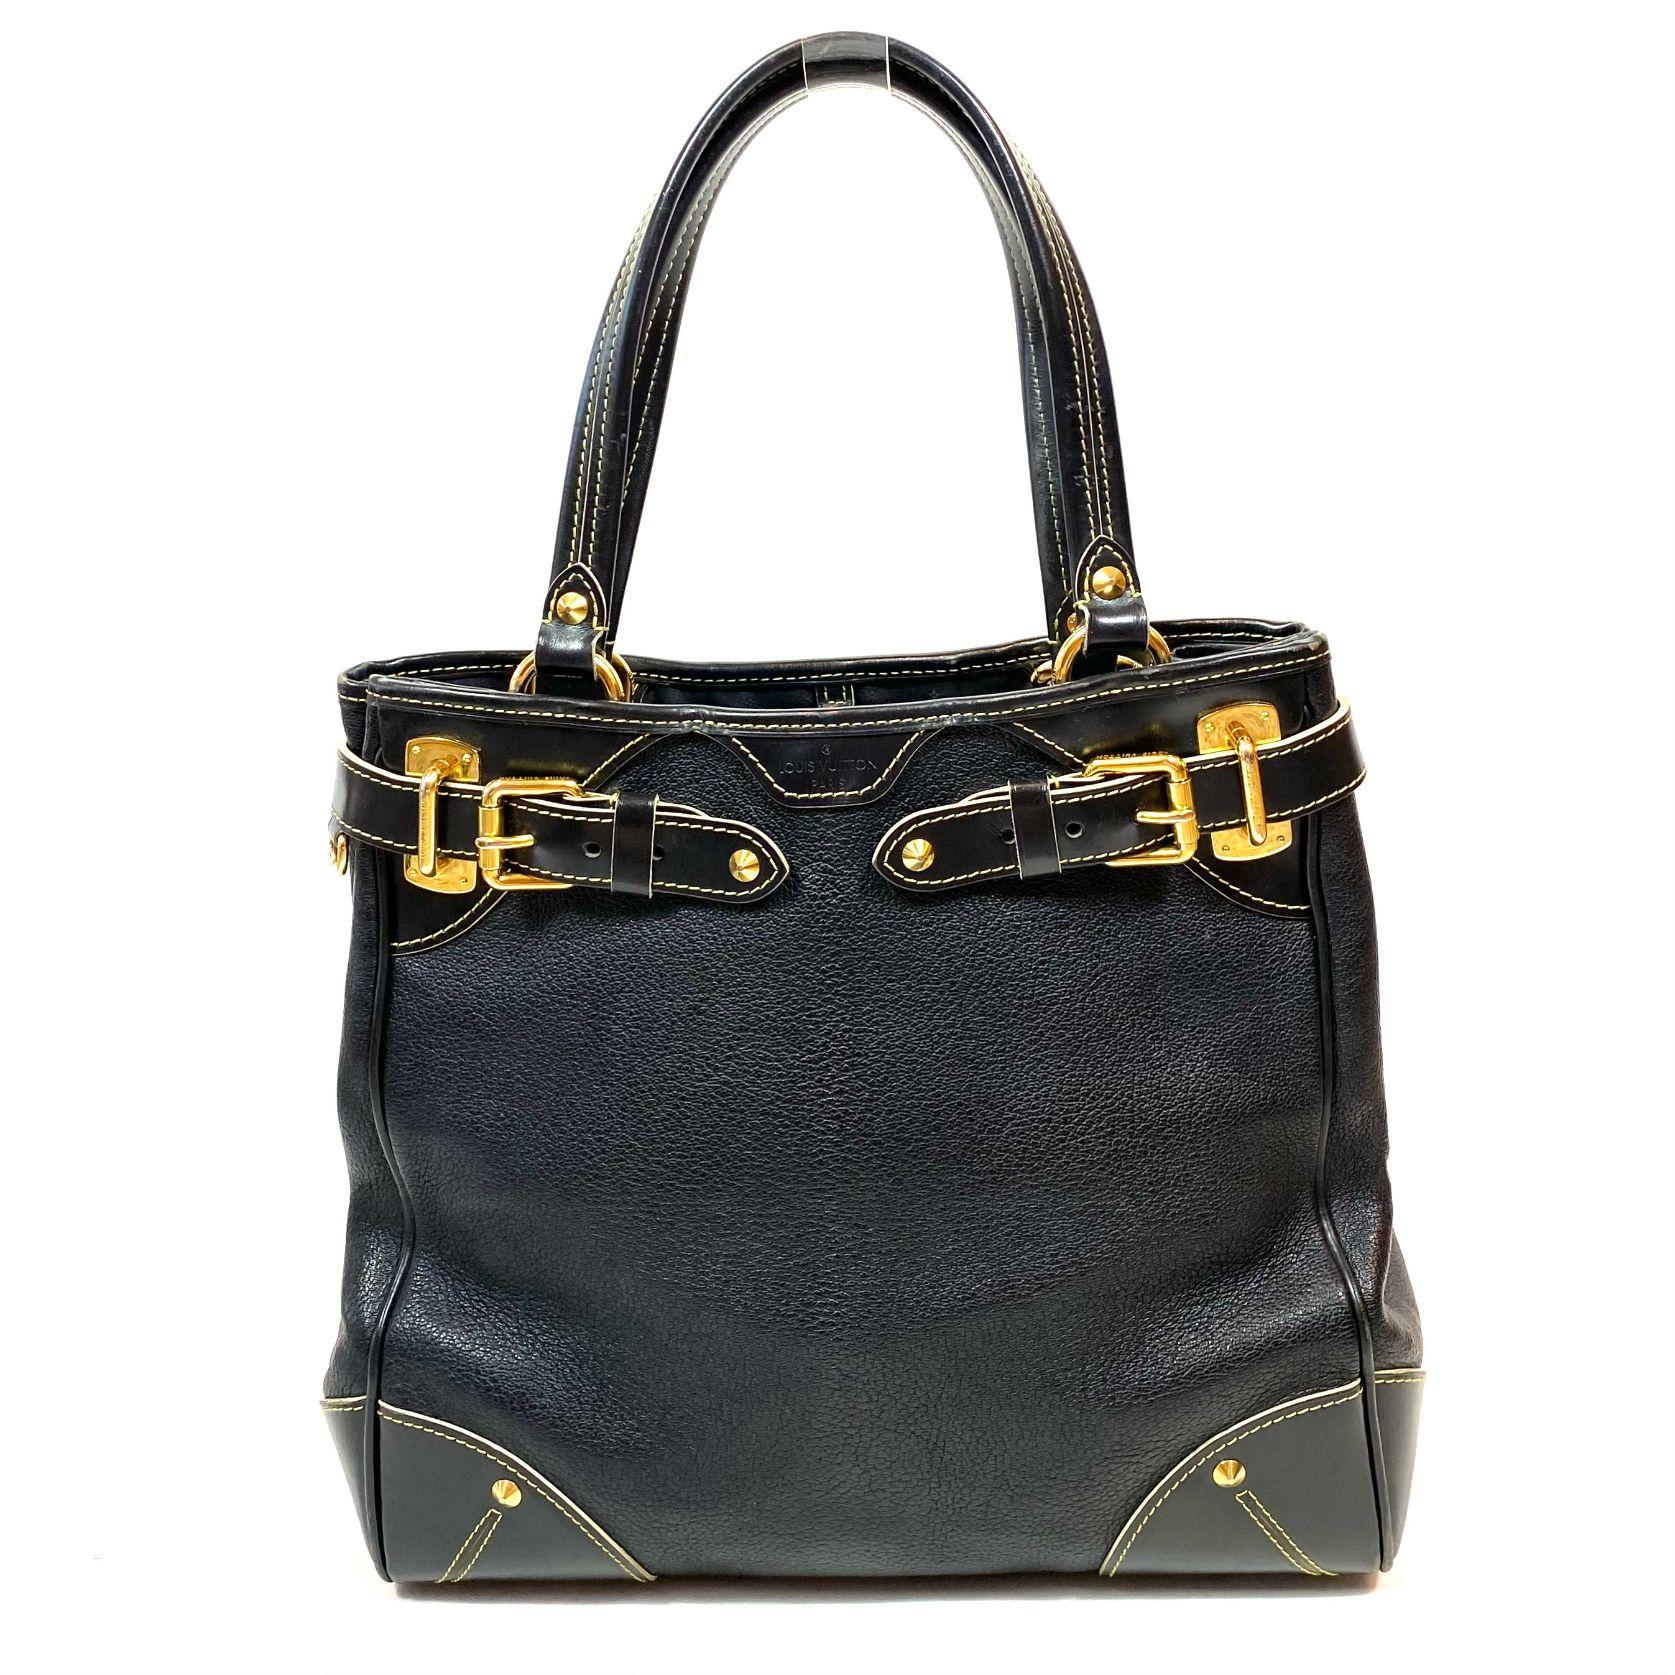 Bolsa Louis Vuitton Le Majestueux Tote Preta